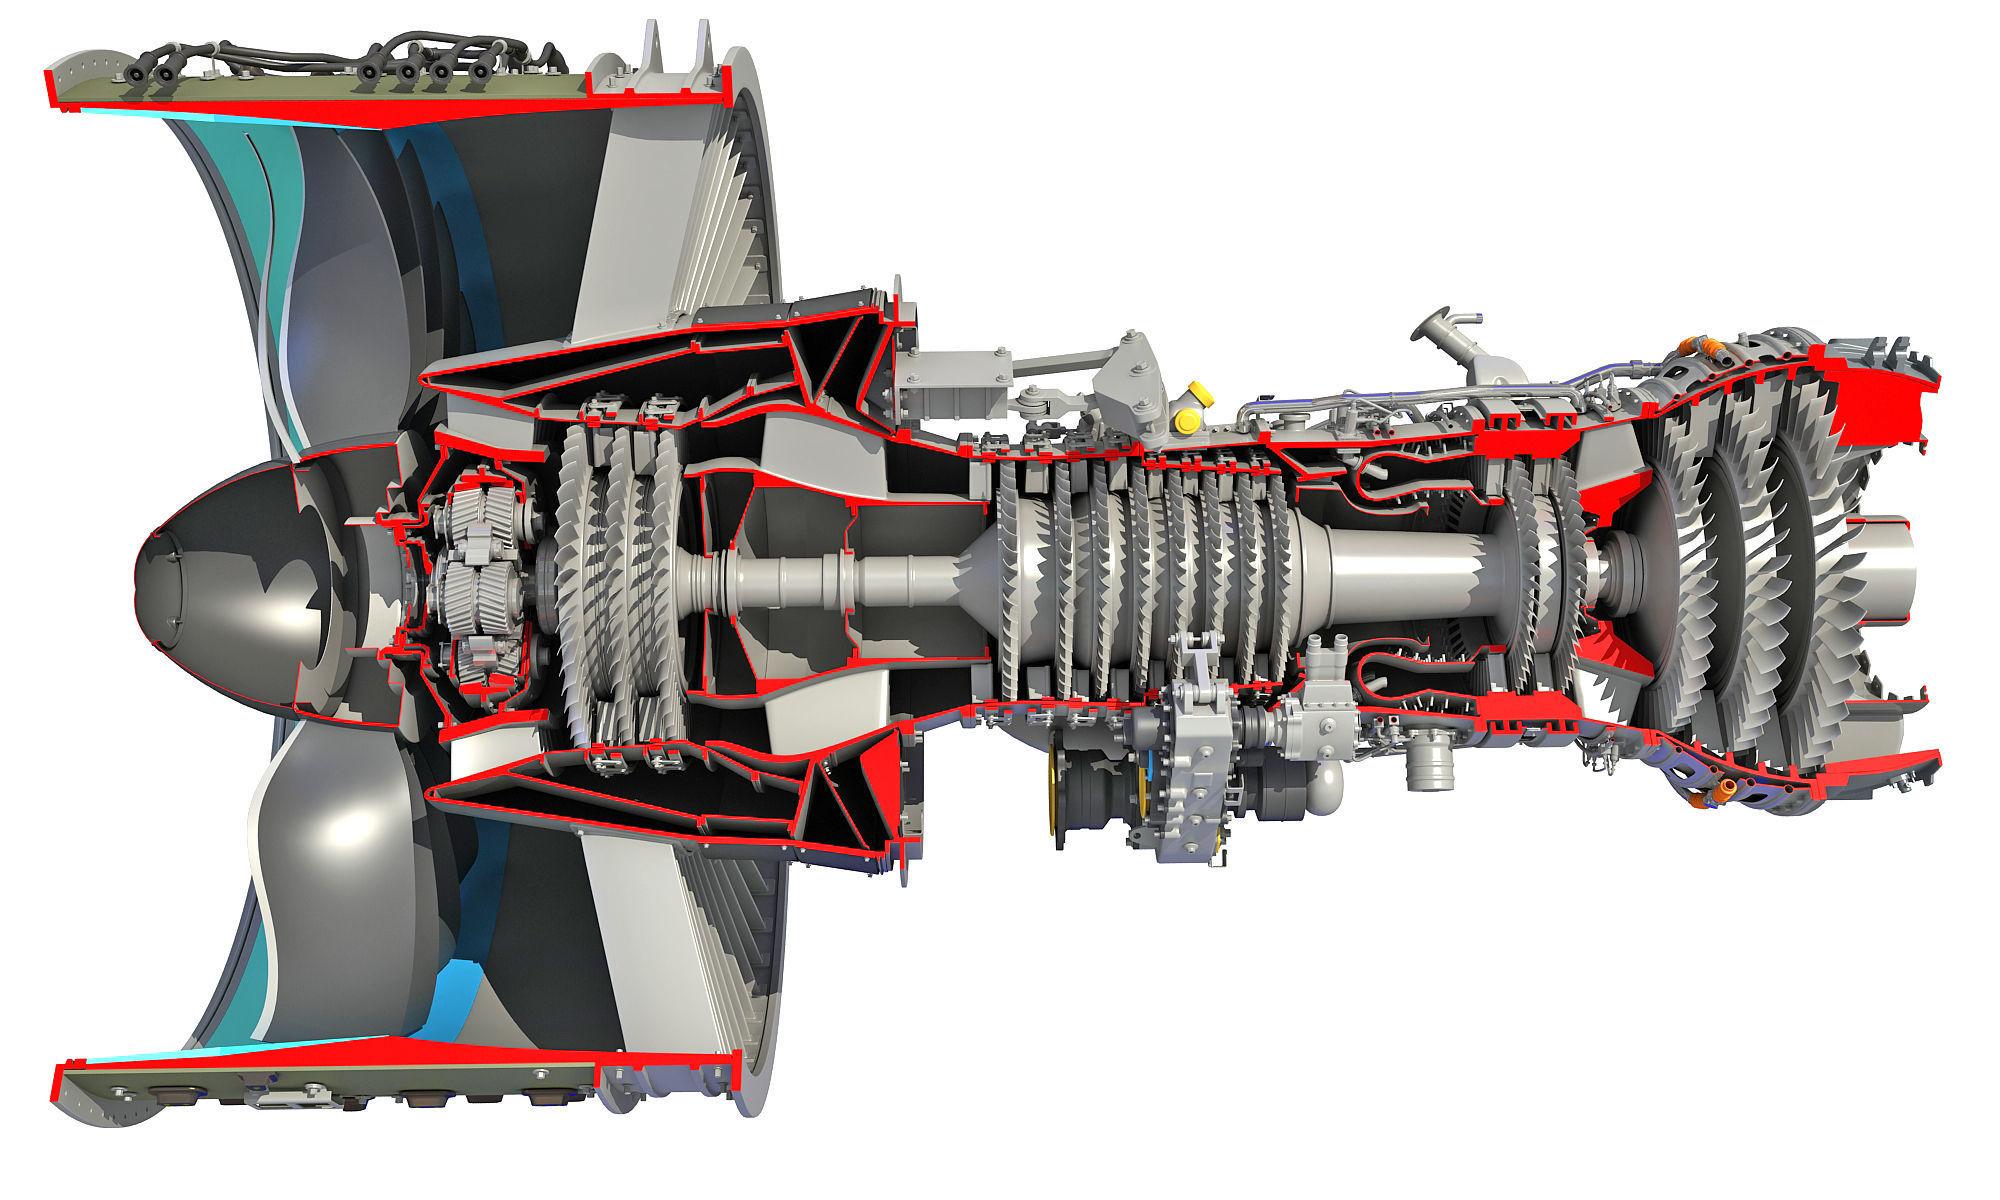 GTF Cutaway Turbofan Engine